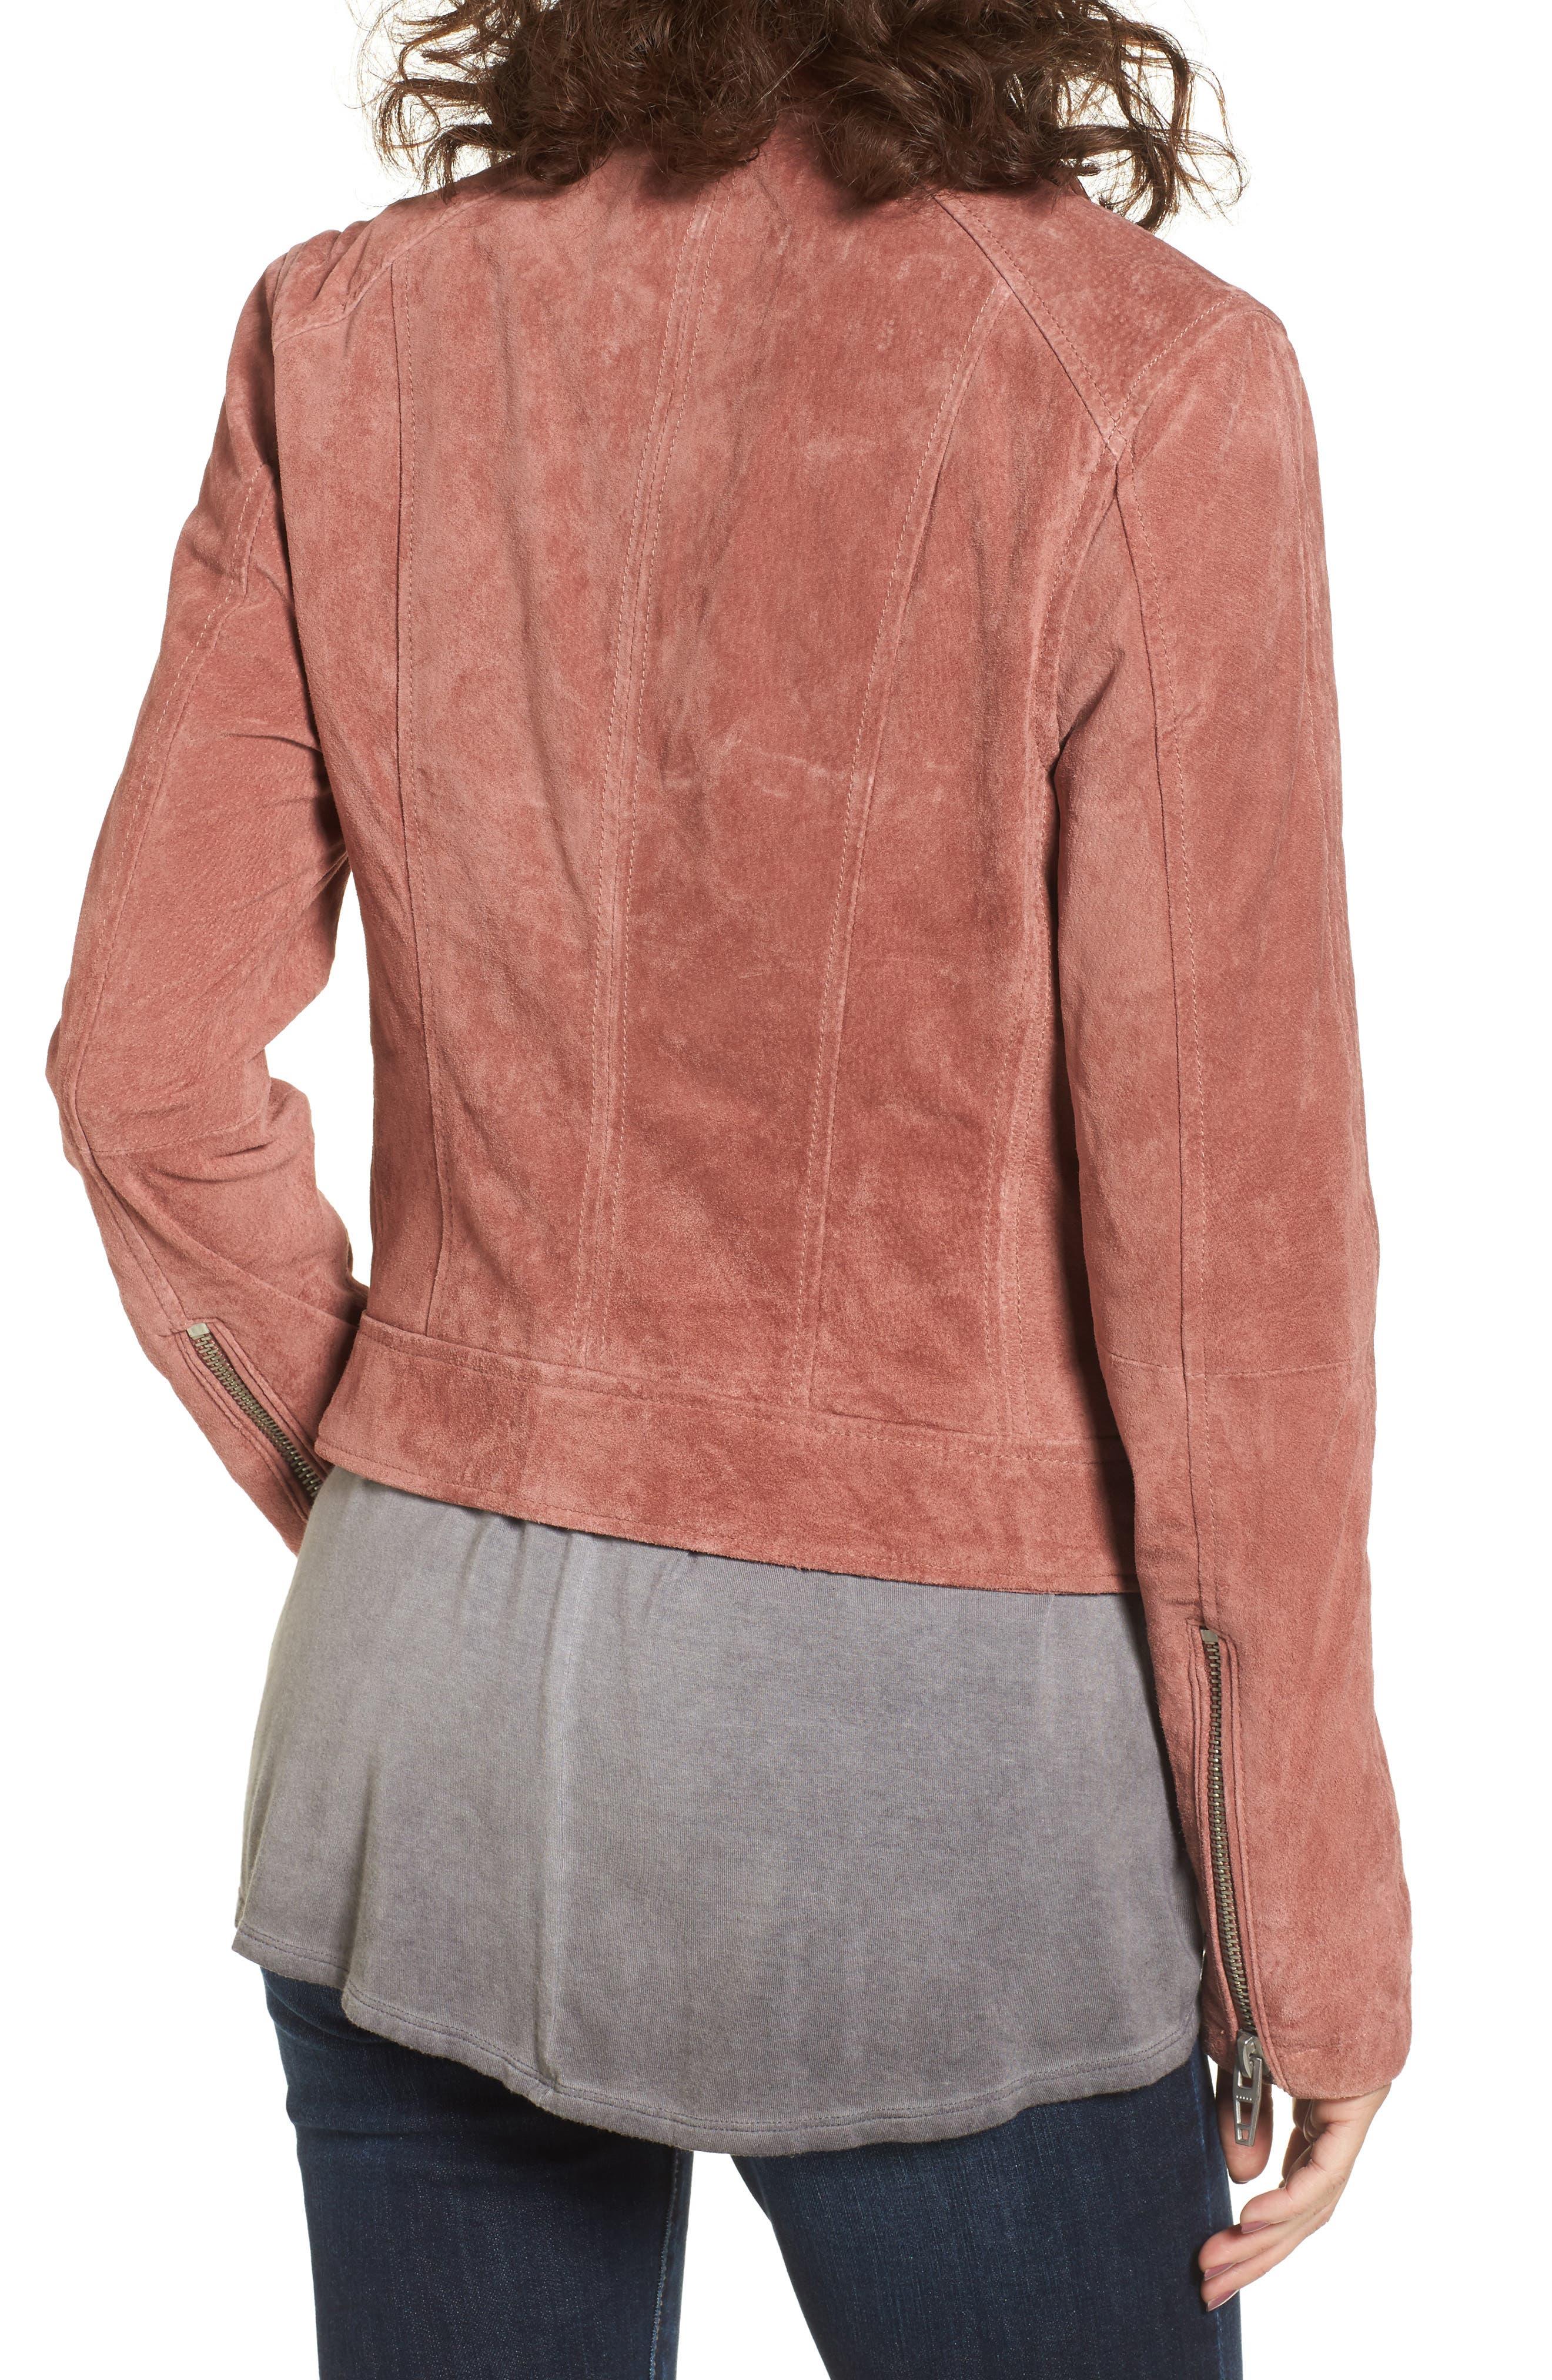 BLANKNYC, Suede Moto Jacket, Alternate thumbnail 2, color, 201